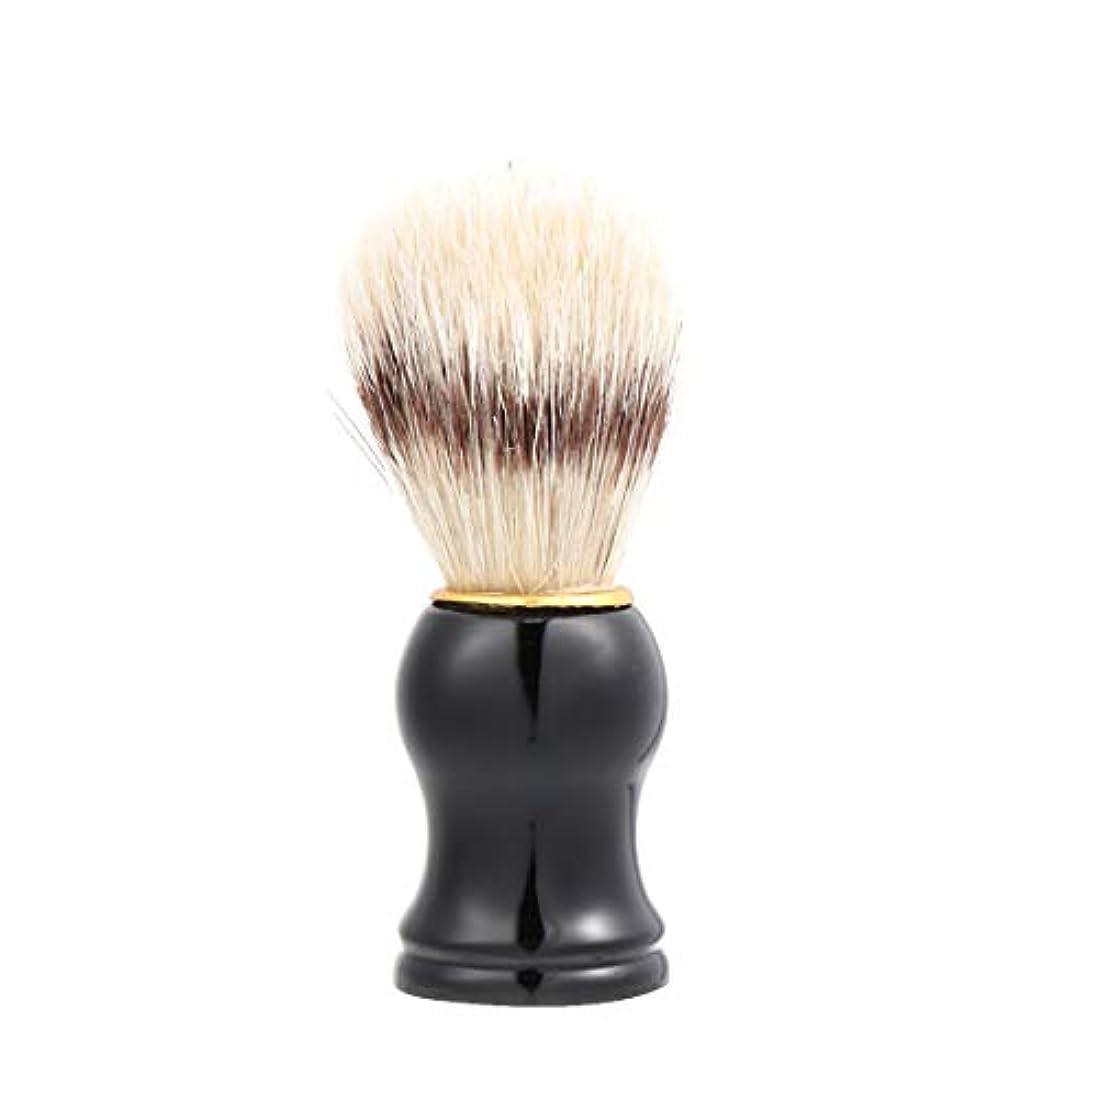 イル劇作家ライナーLurrose 男性の剃毛ブラシ 毛髭ひげ 剃毛ブラシ ソフト フェイシャルケア ヘアクレンジングブラシ